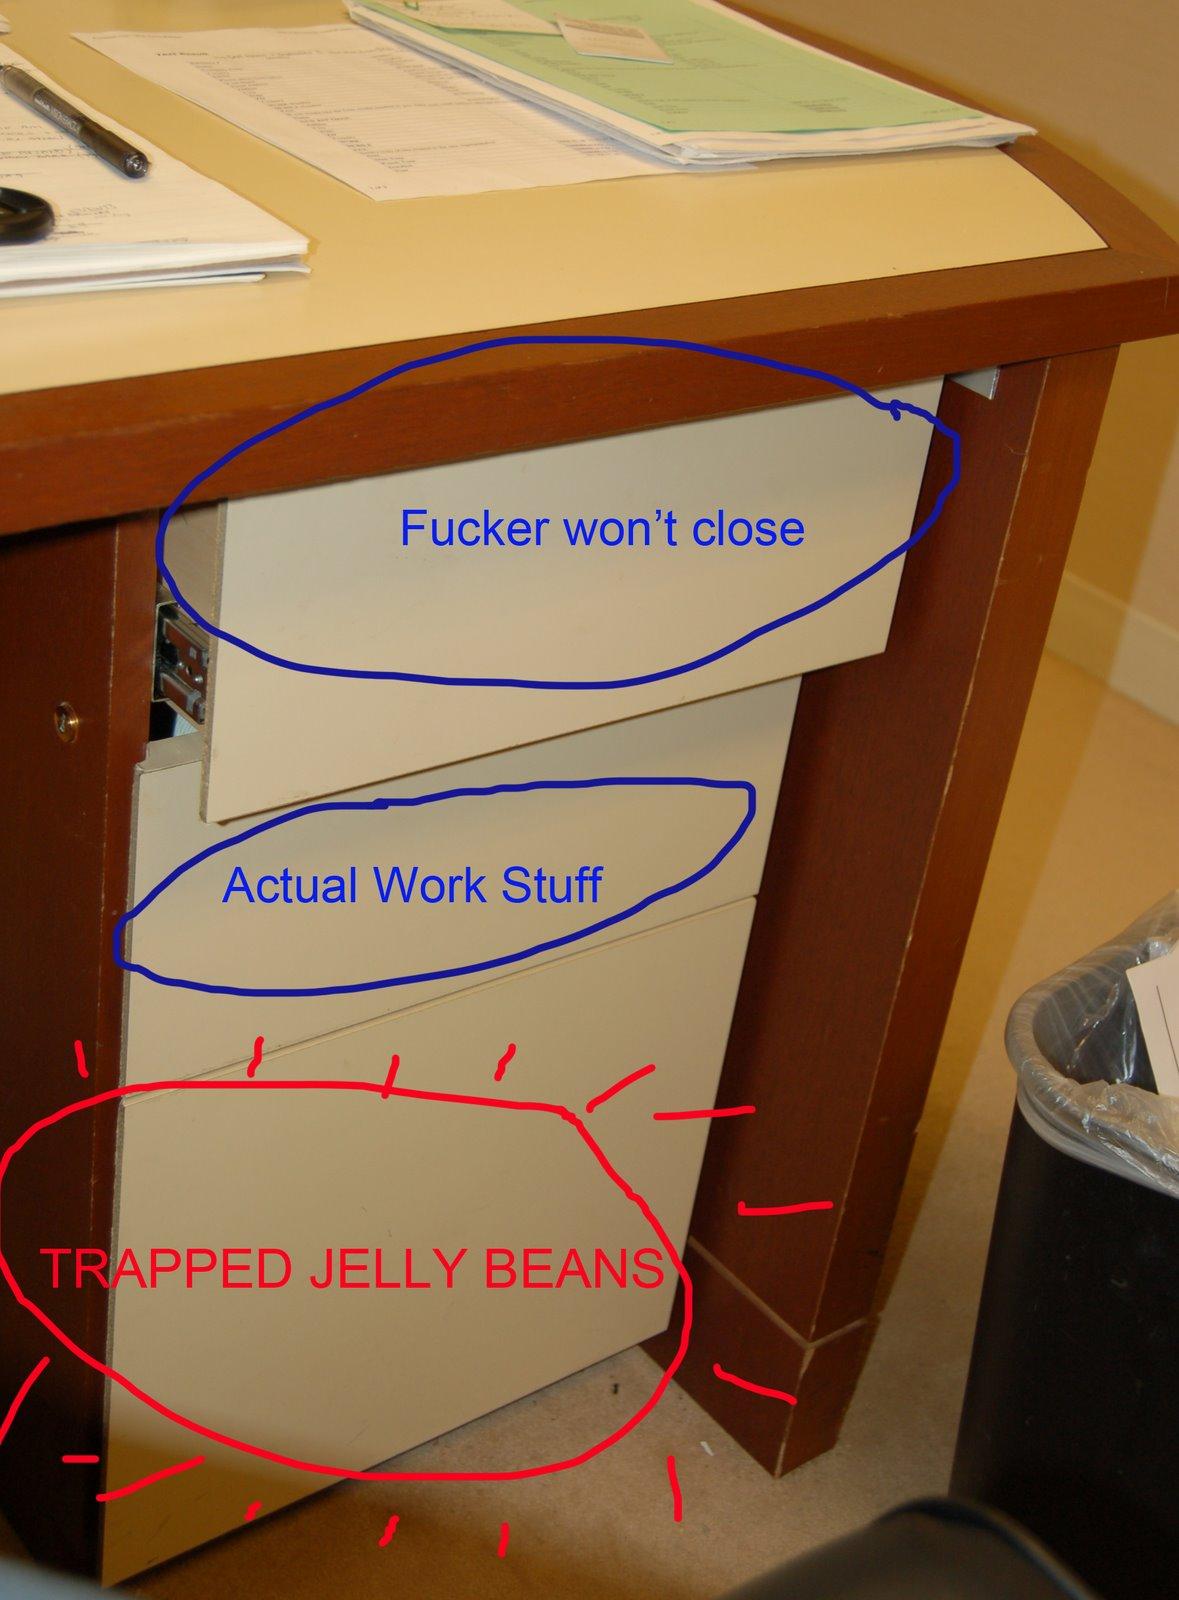 [drawer]